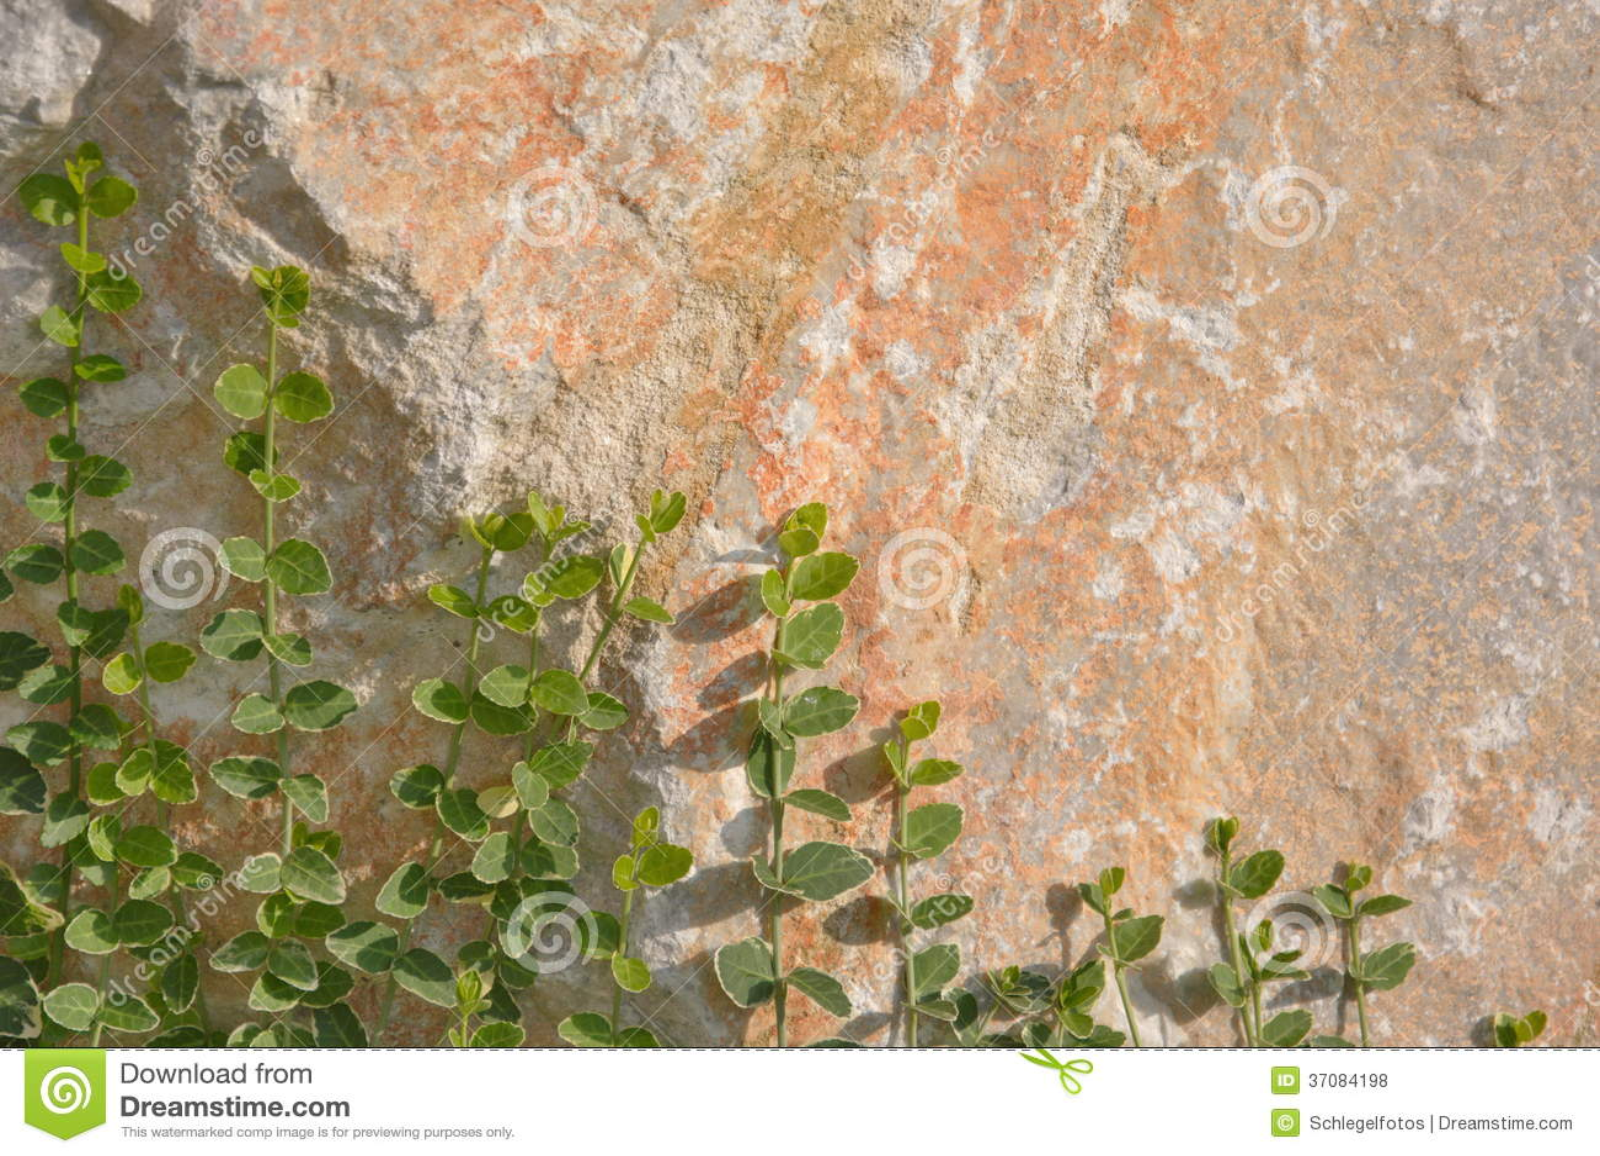 Download Bluszcz roślina na ścianie zdjęcie stock. Obraz złożonej z greenbacks - 37084198